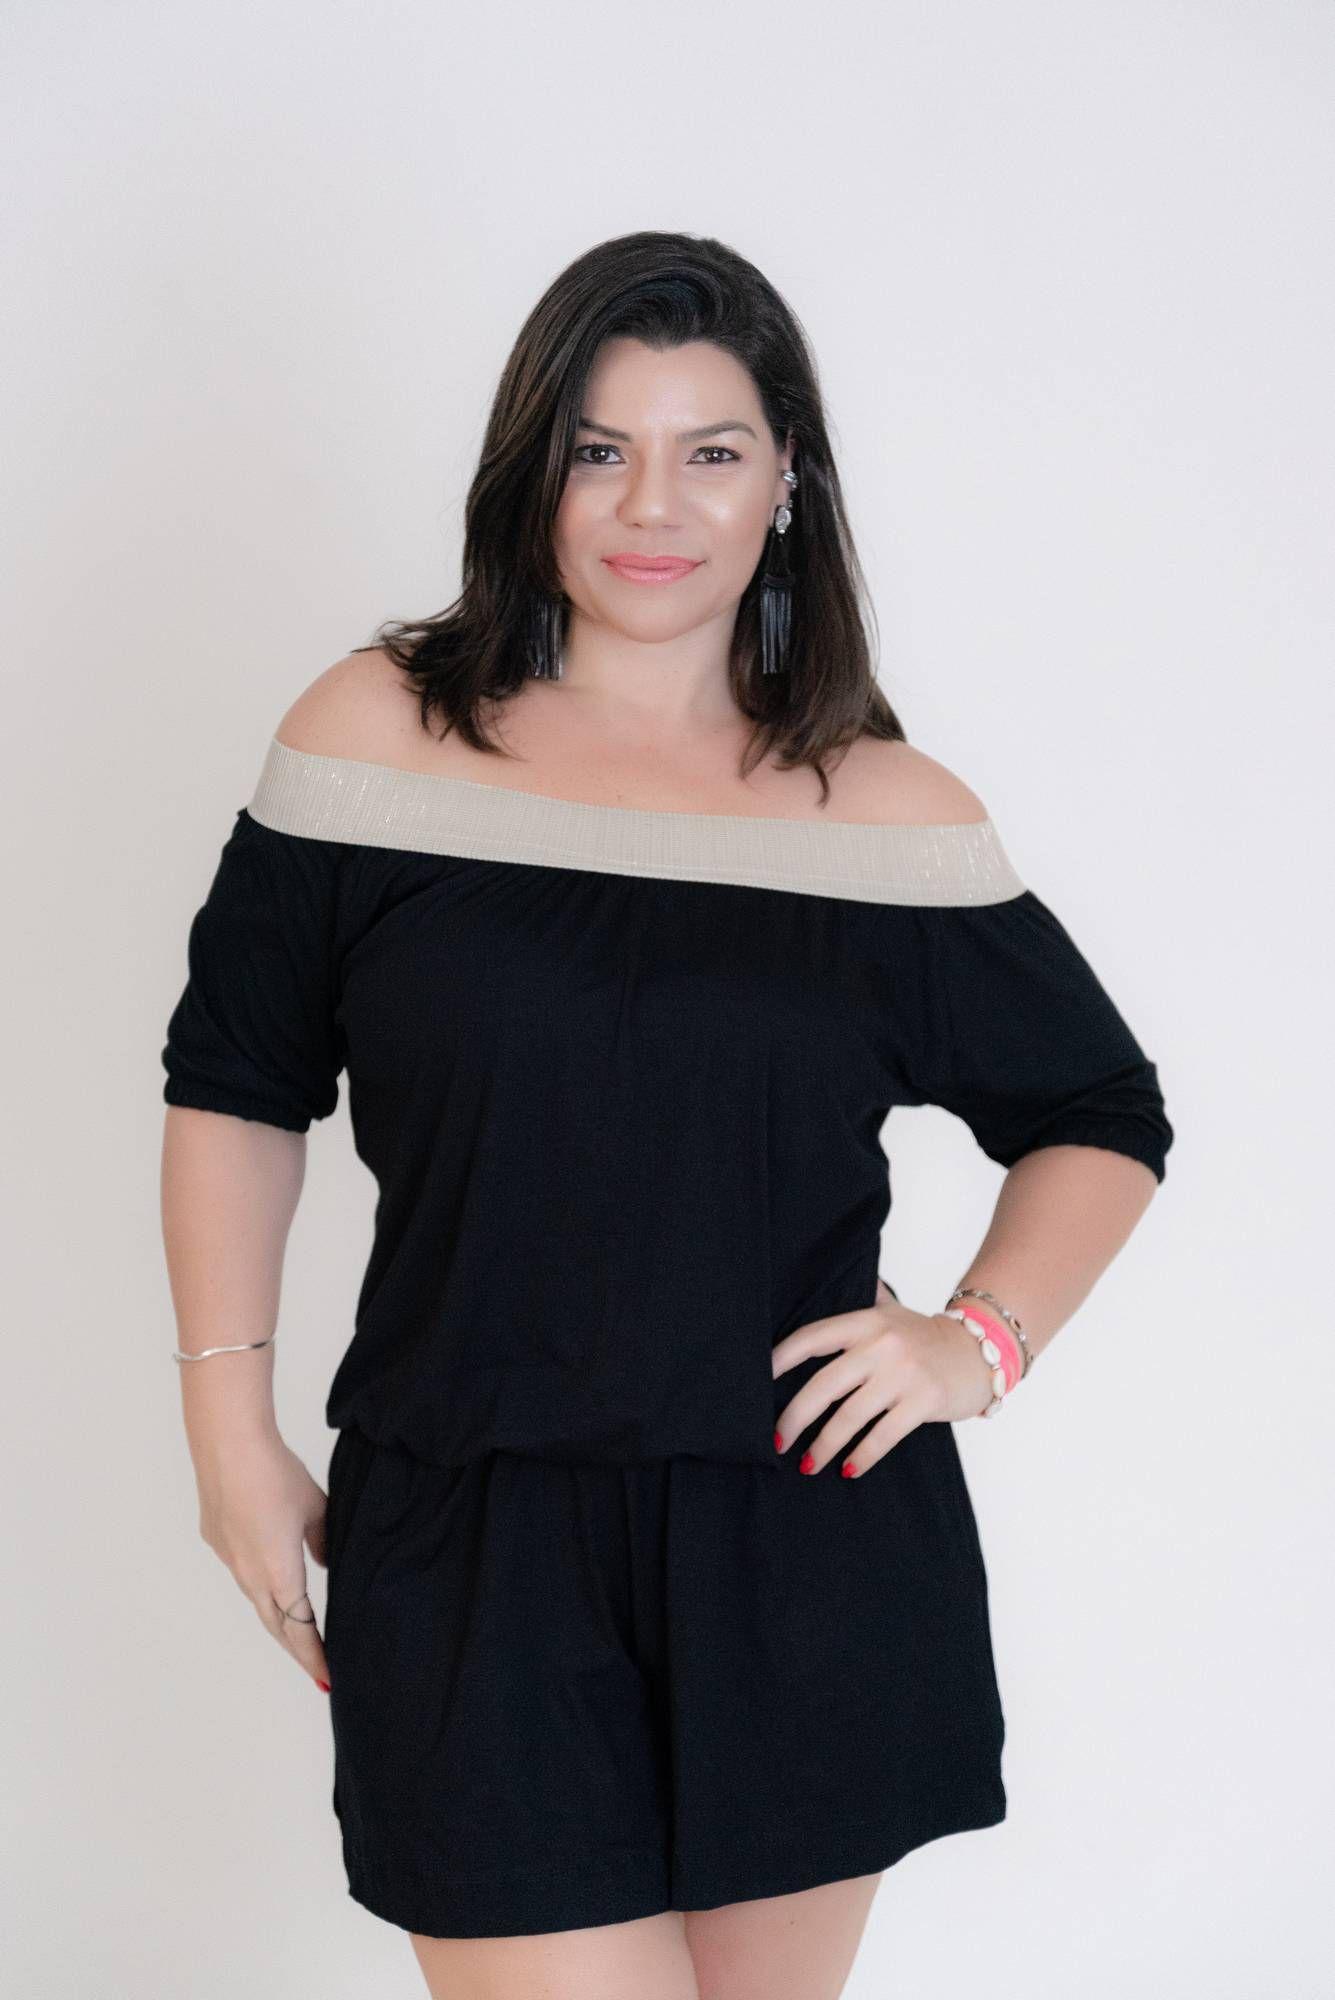 MACAQUINHO SHORTS, OMBRO A OMBRO